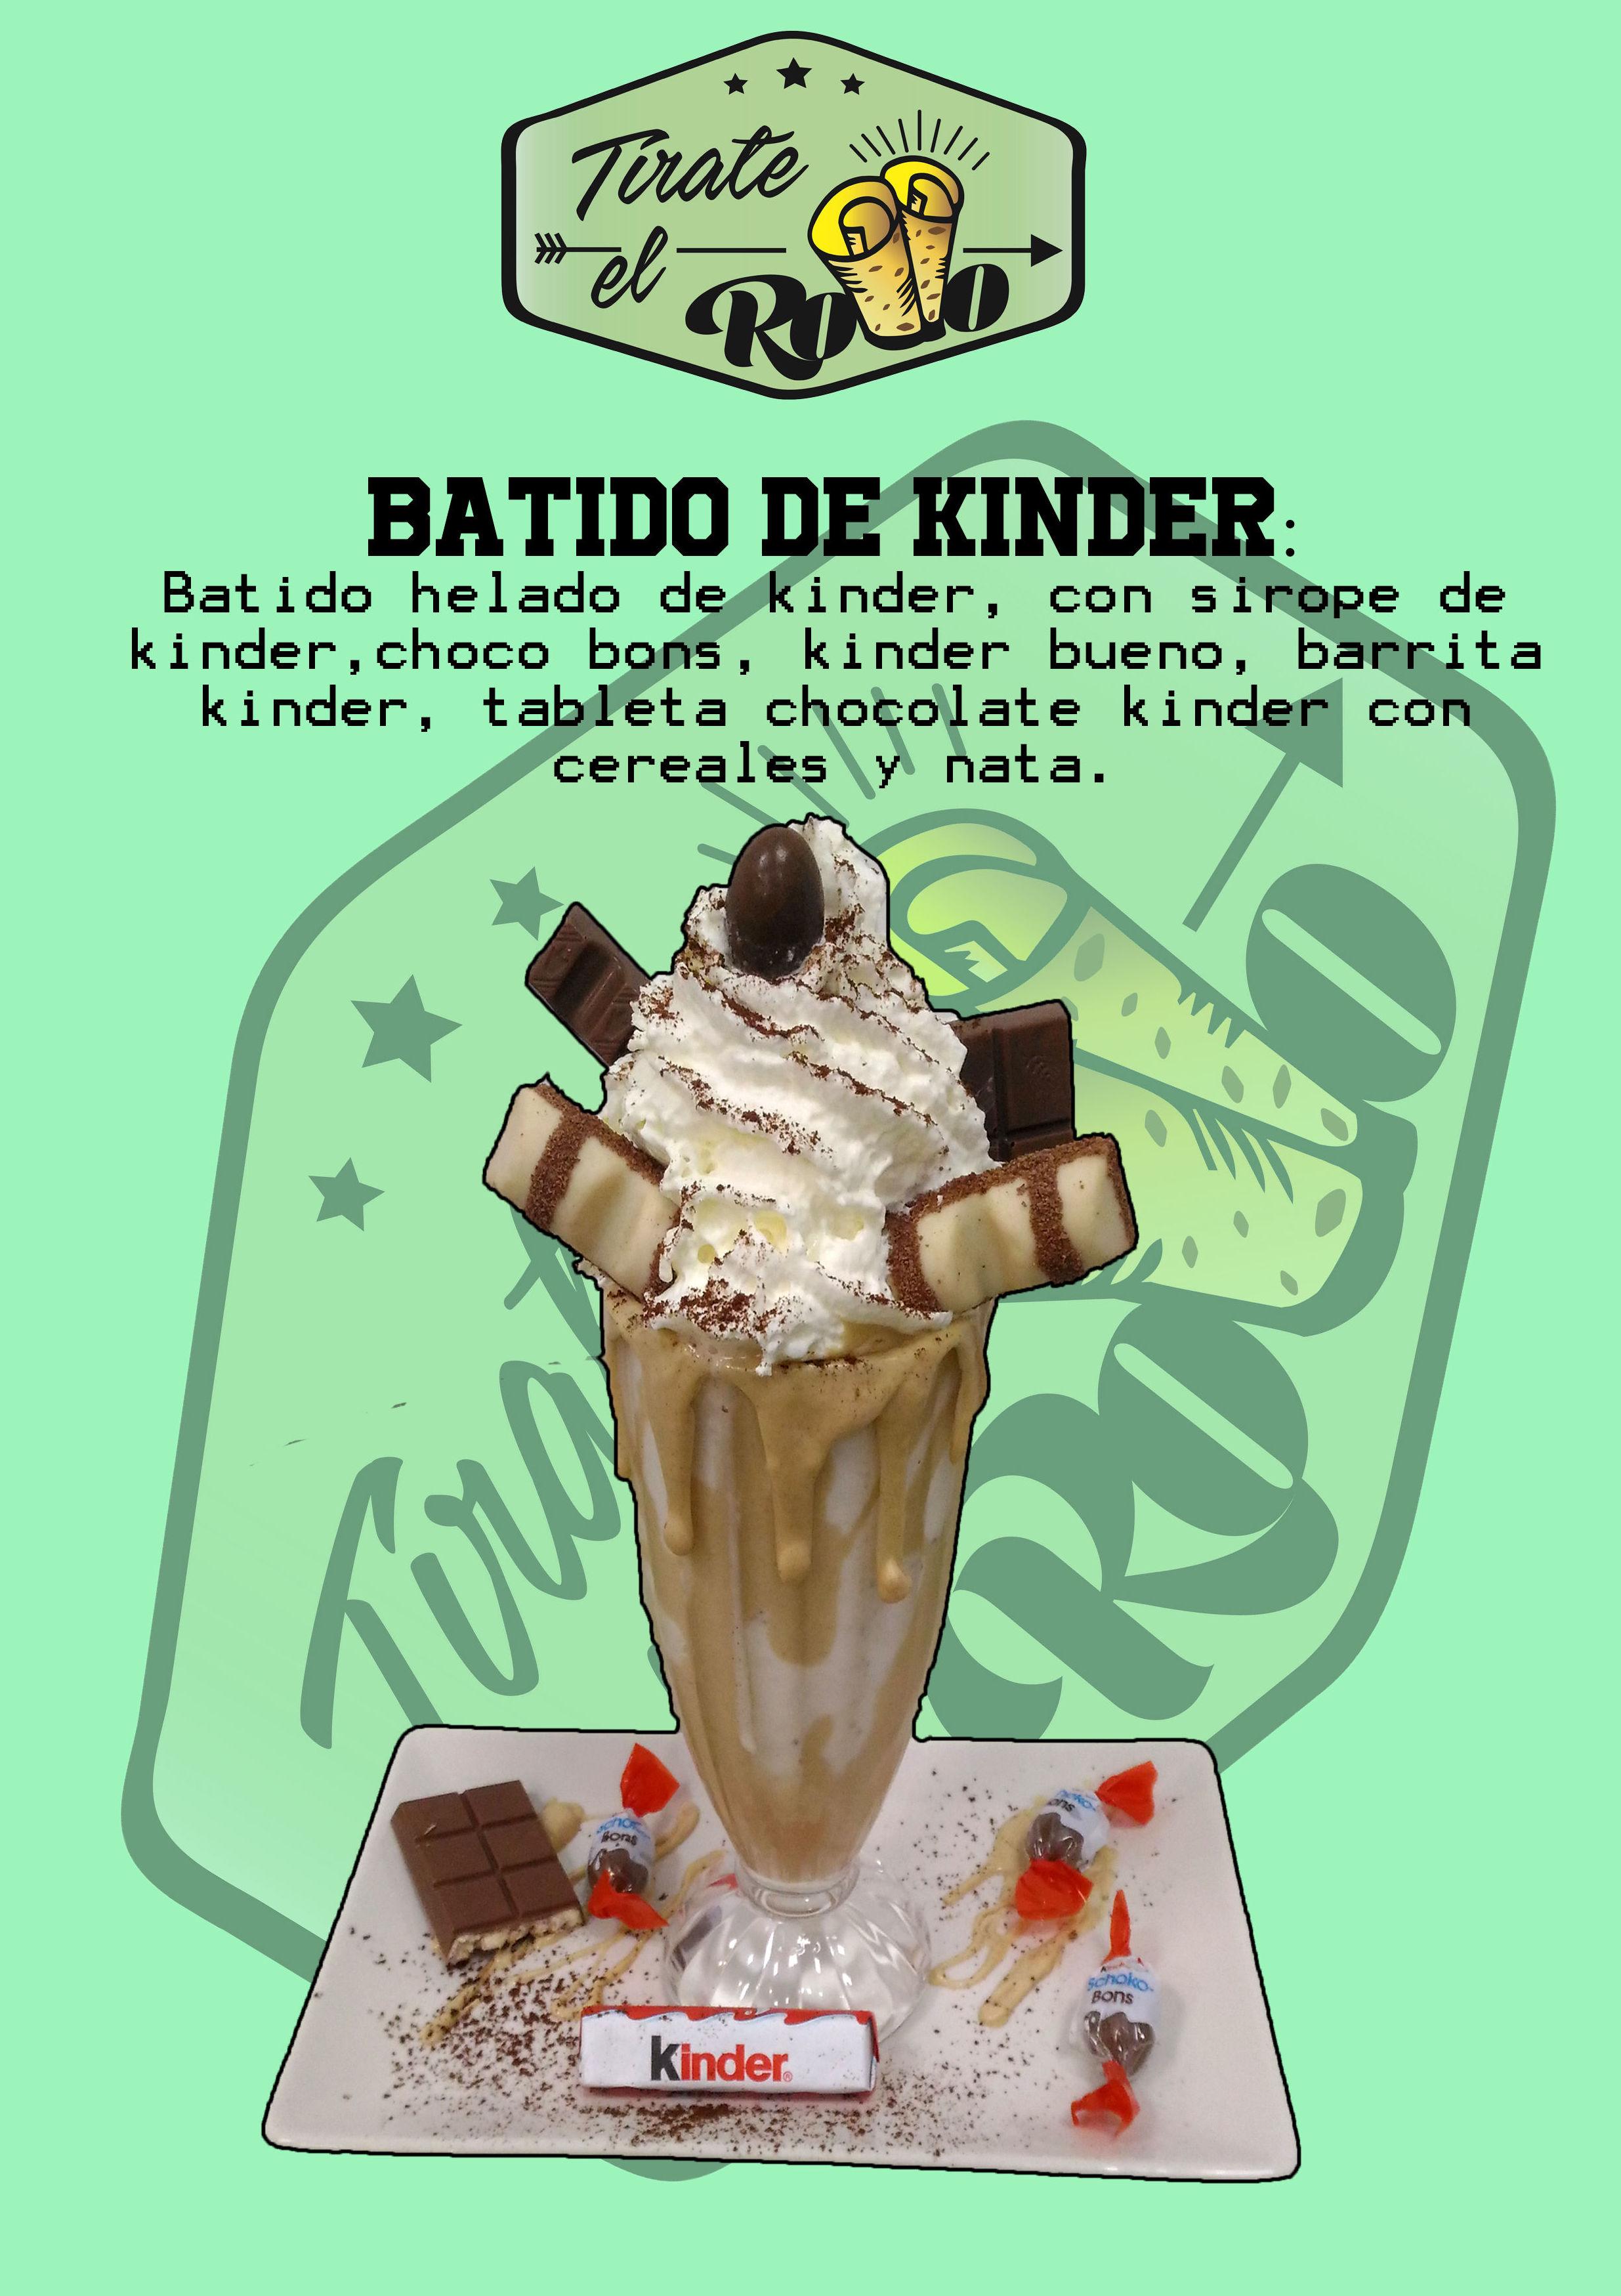 Batidos helados: Productos de HELADERÍA TÍRATE EL ROLLO